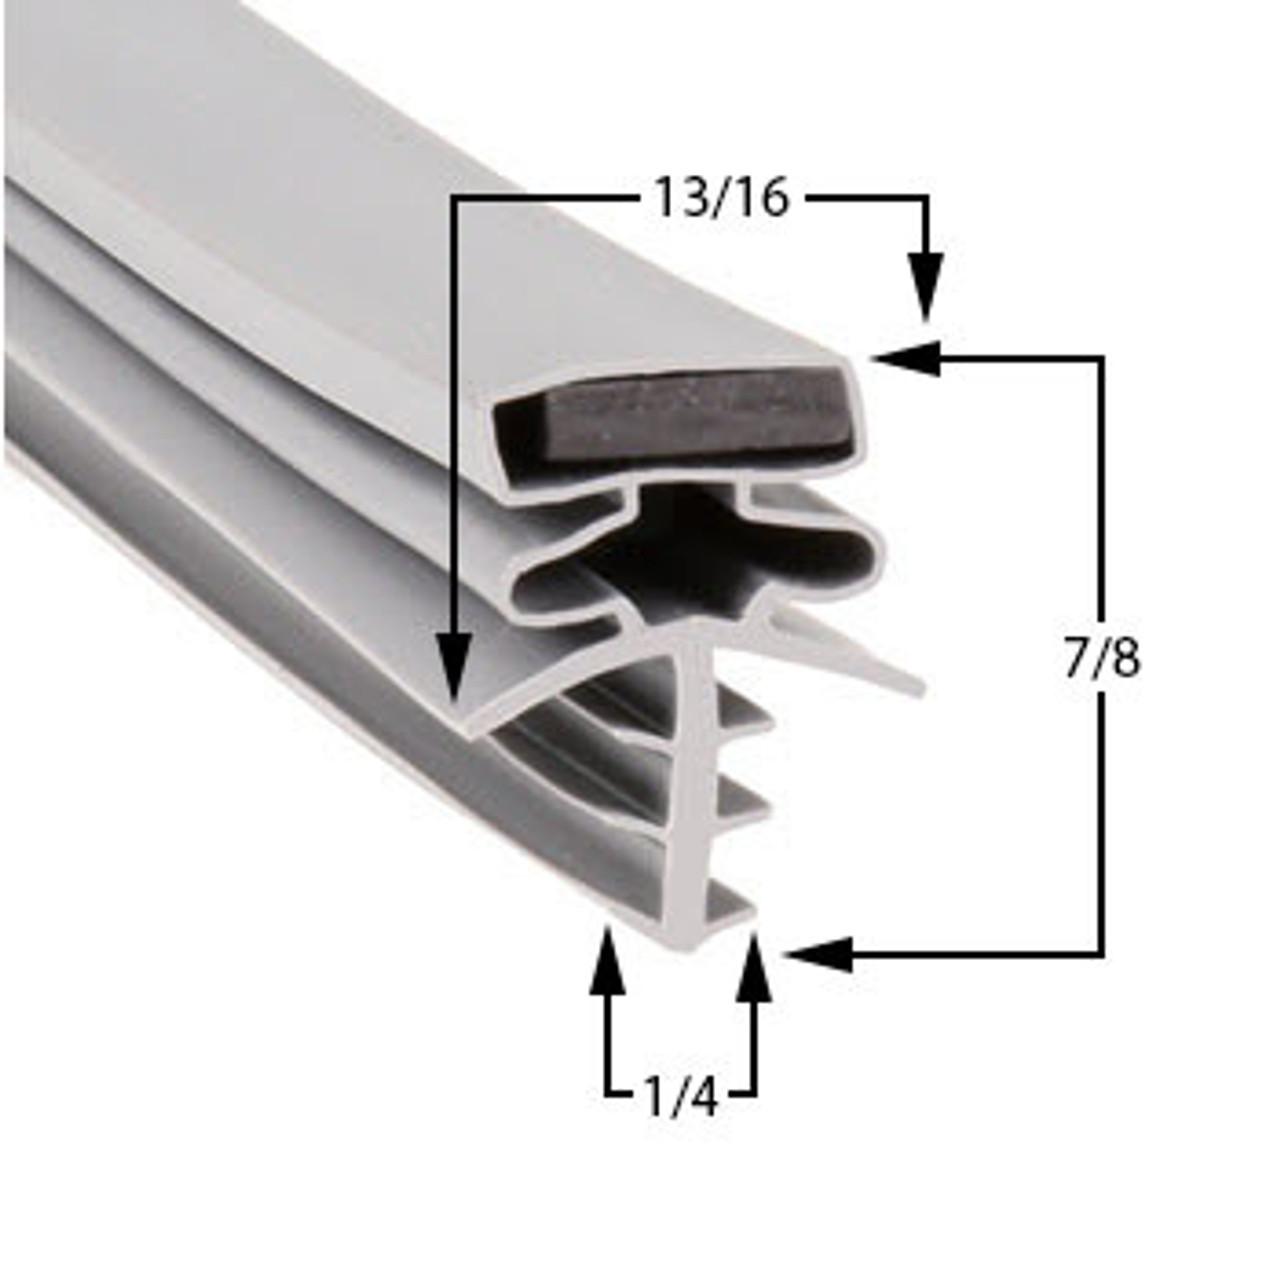 Brown Door Gasket Profile 301 35 3/8 x 77 1/2 -A2.0427-2